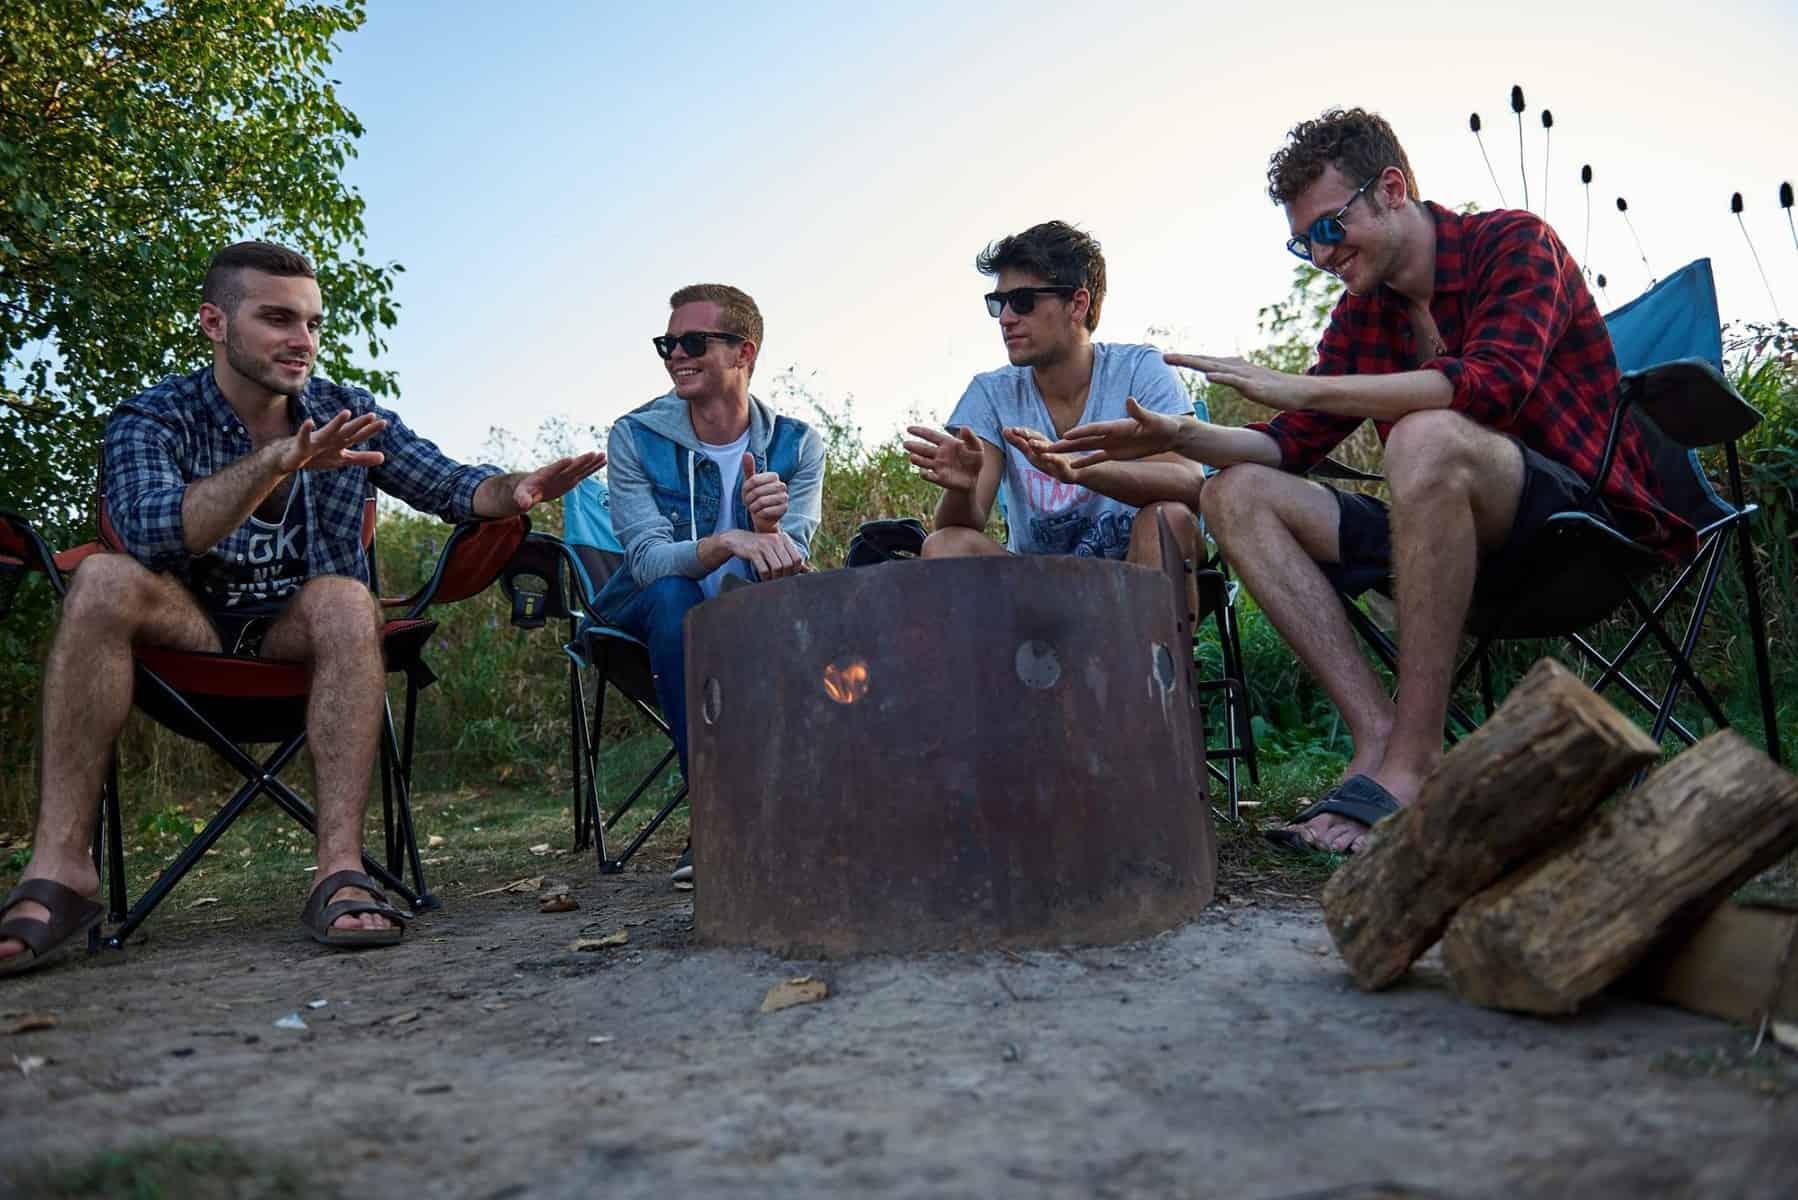 gay camping Sc